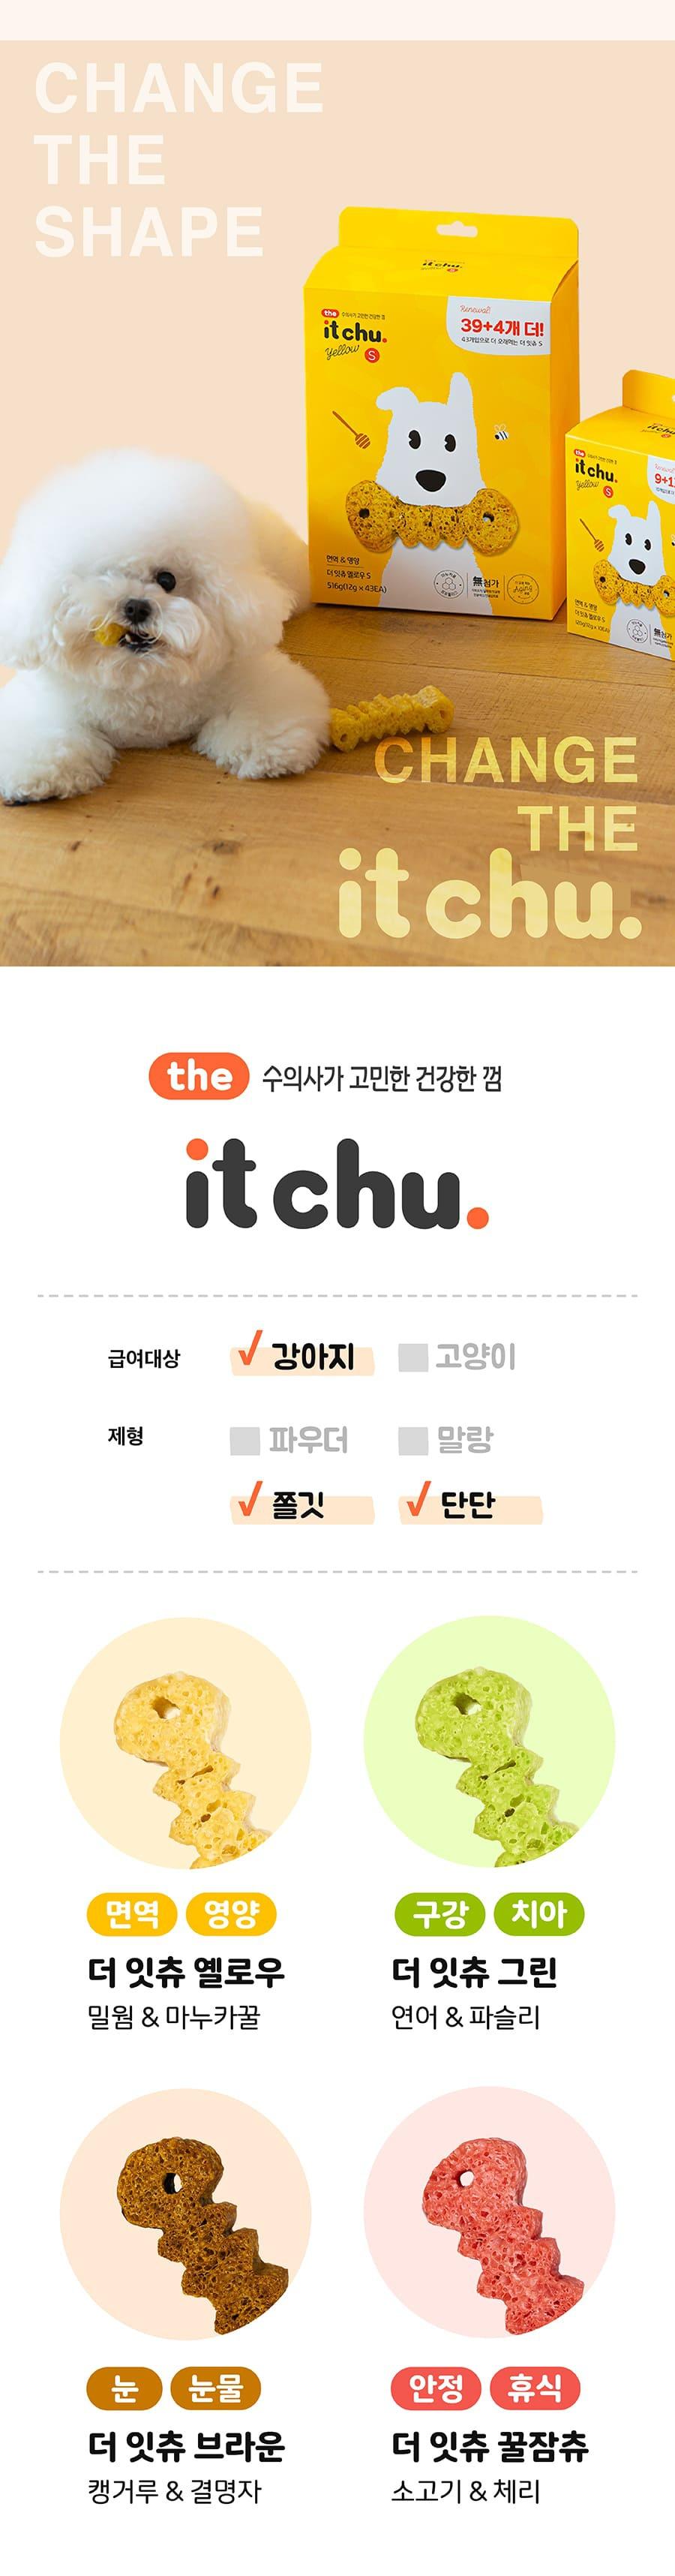 [EVENT] it 더 잇츄 꿀잠츄 (소고기&체리)-상품이미지-3